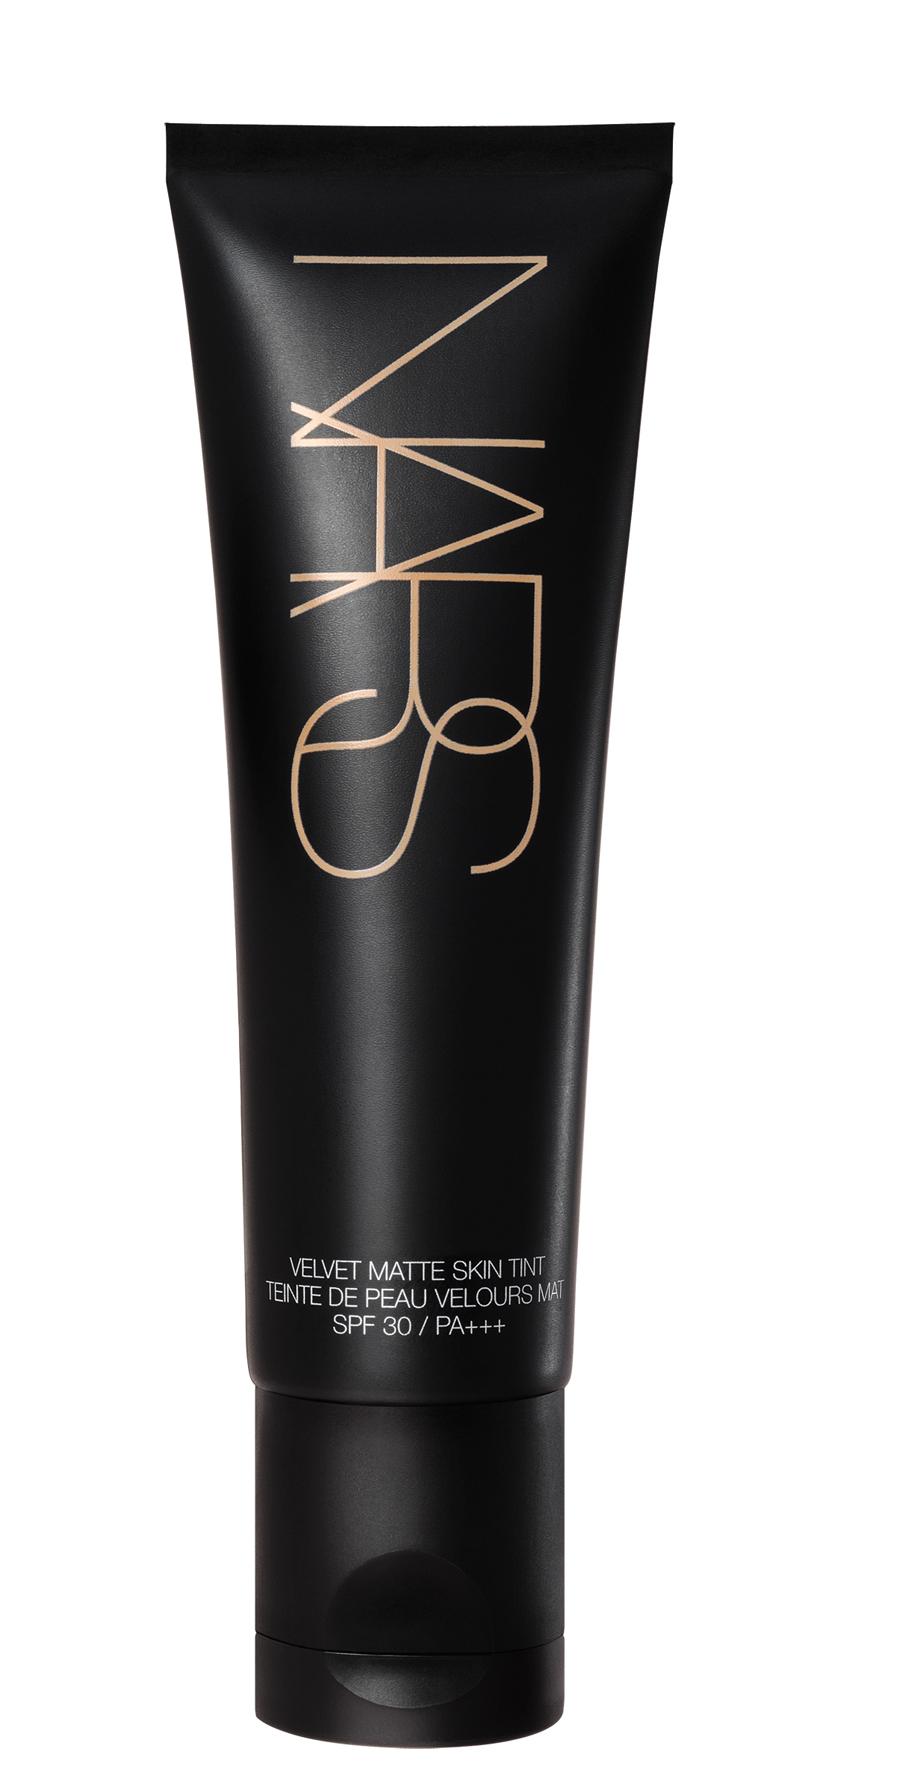 Nars Velvet Matte Skin Tint SPF30 PA+++